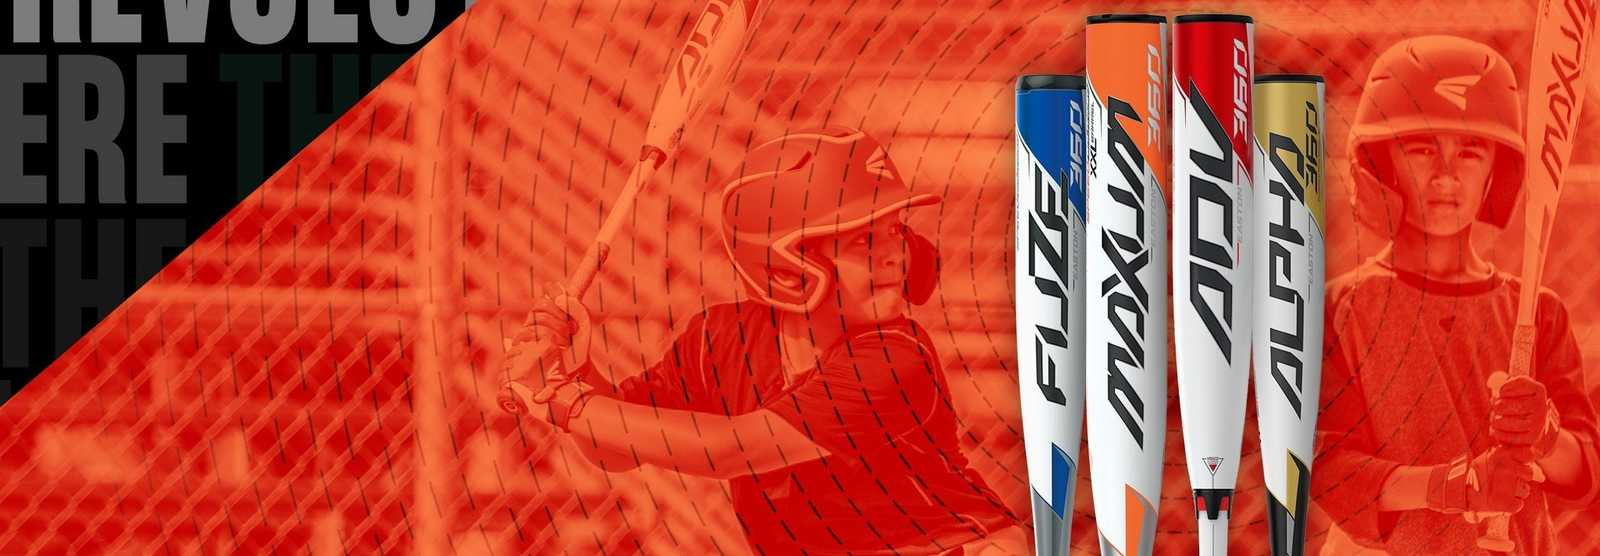 360-baseball-bats